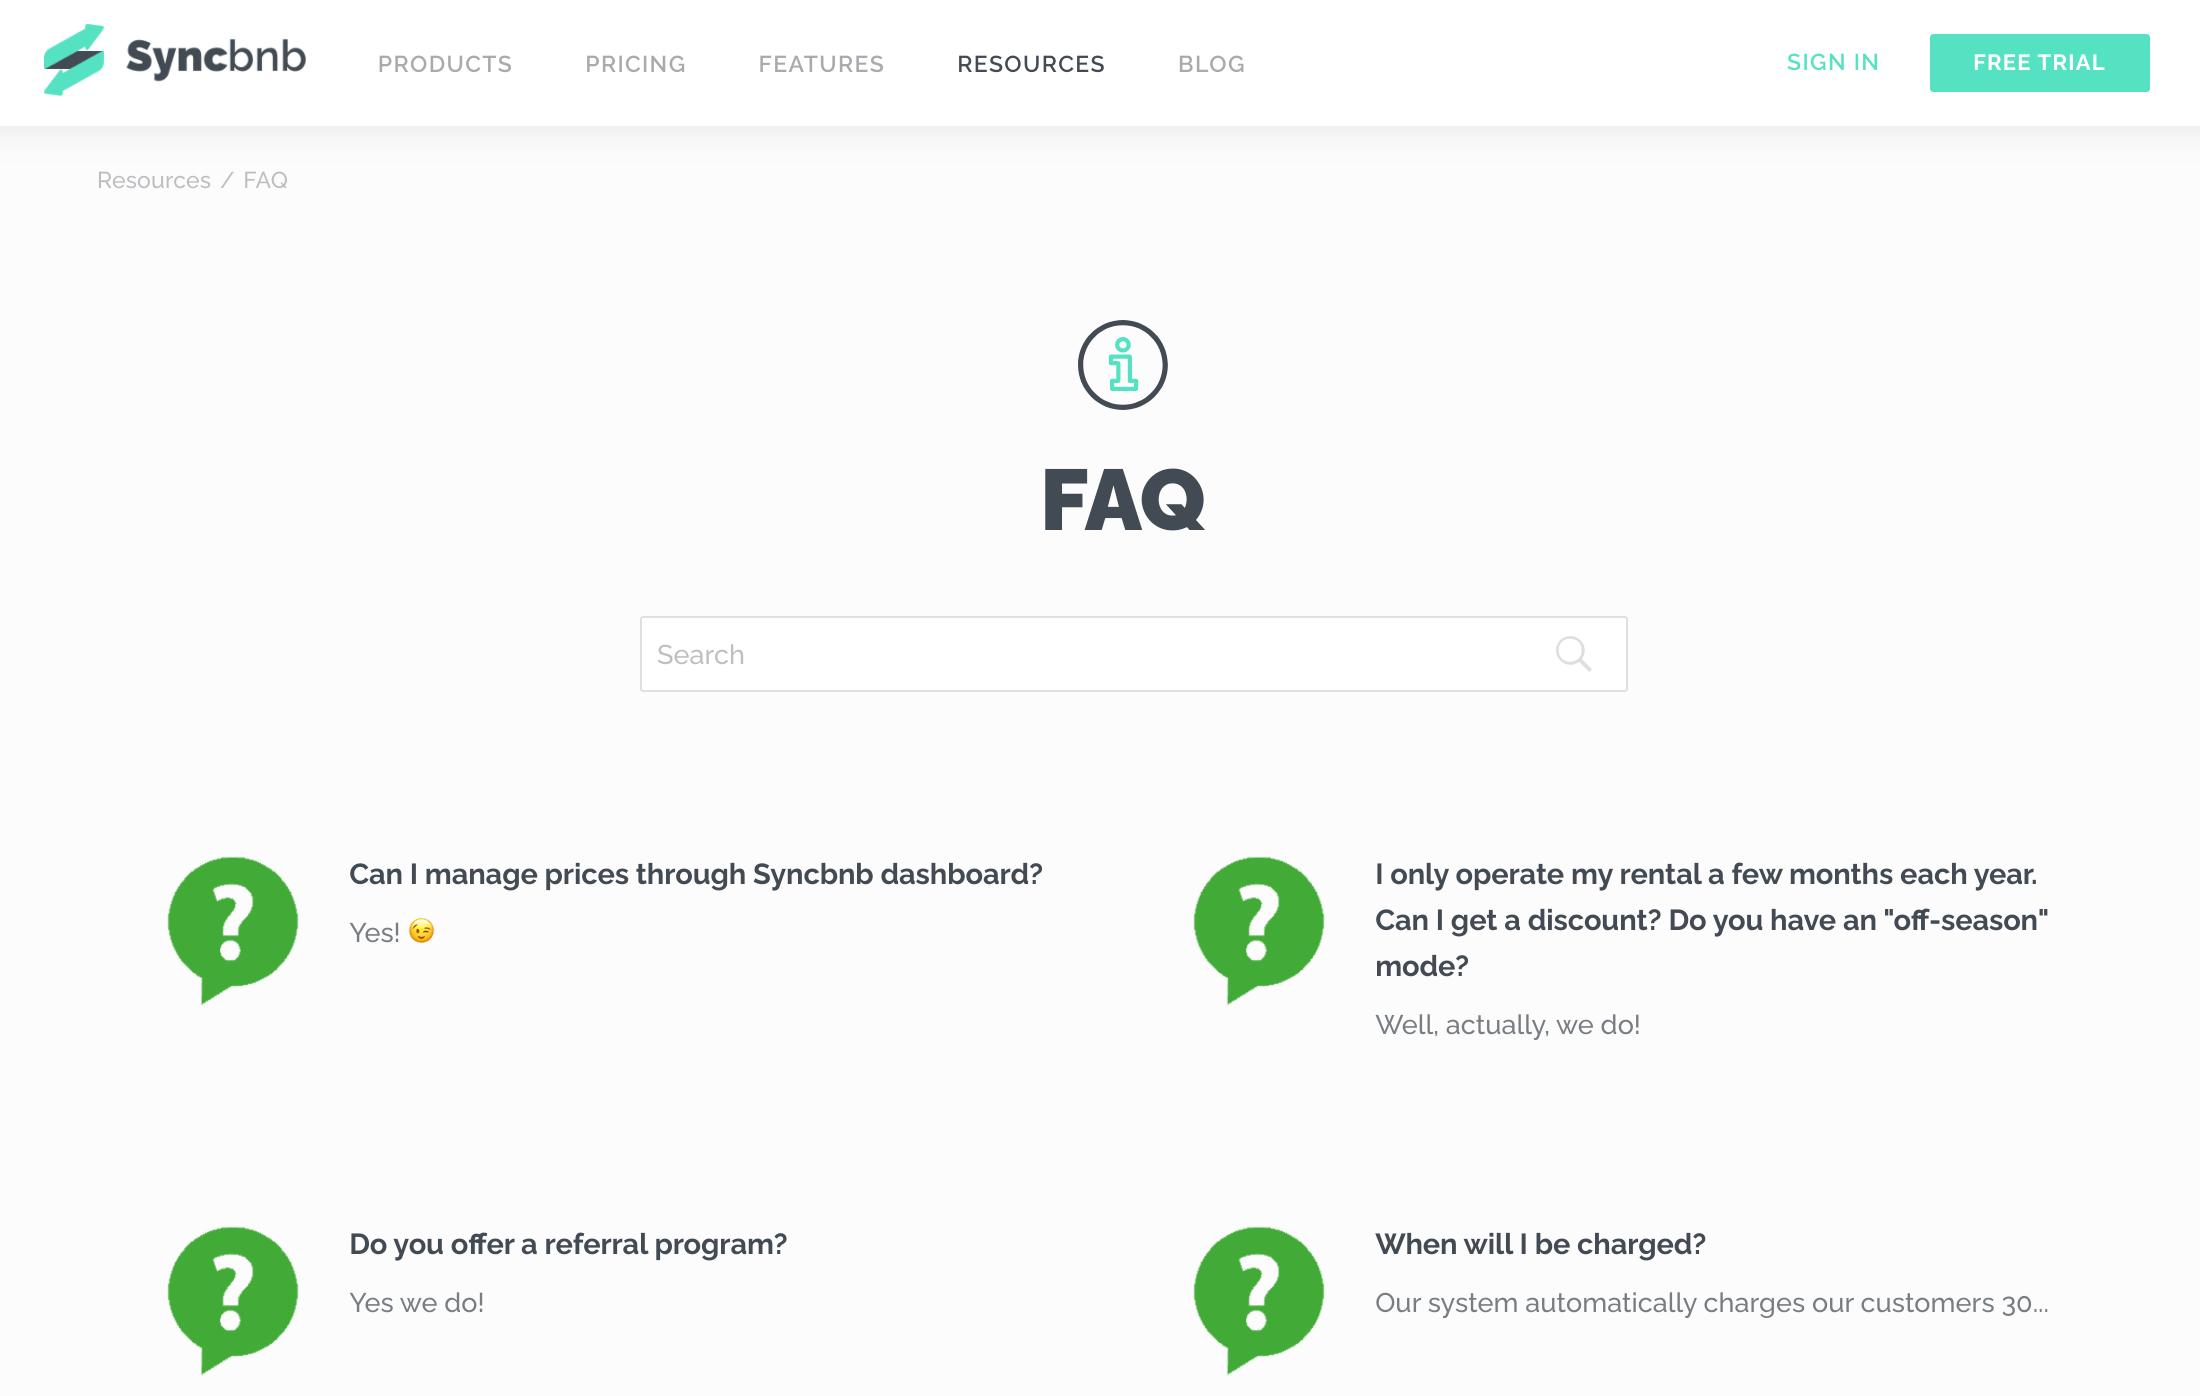 Syncbnb faq page